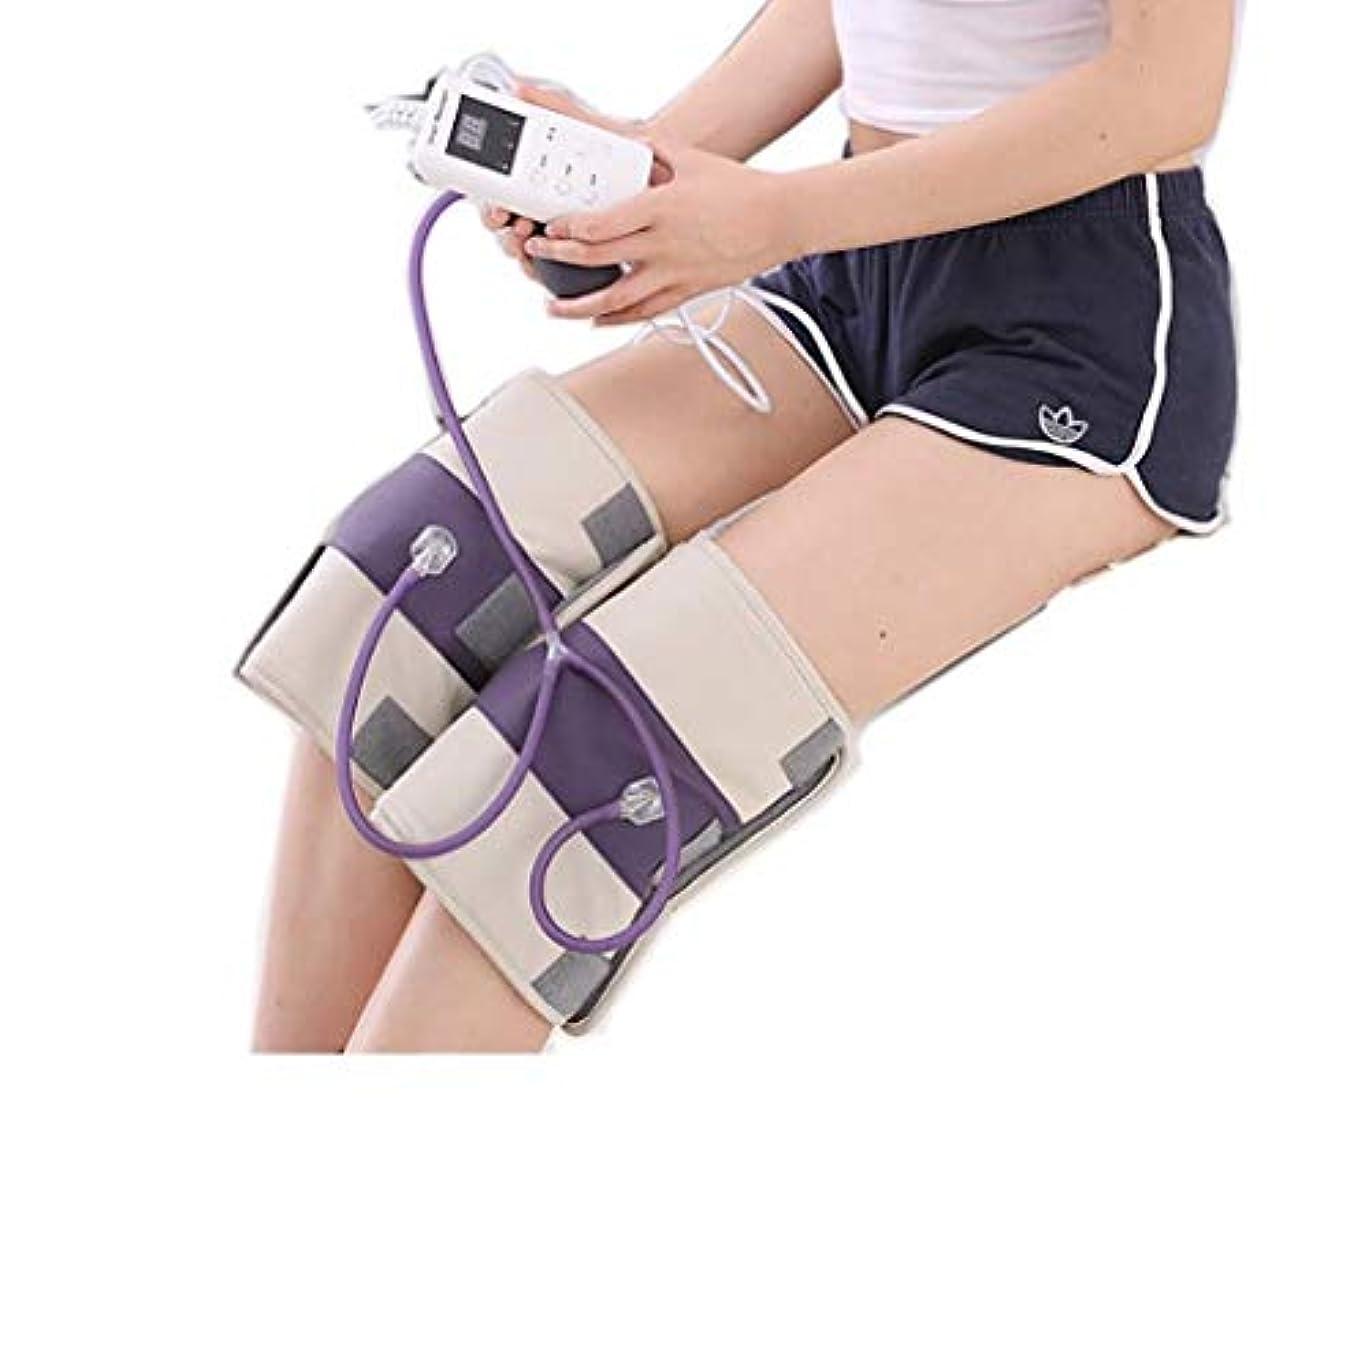 しょっぱいミキサー財布熱くする足のマッサージャー、マッサージの膝パッド、膝の振動マッサージ、M/熱い圧縮/磁気療法、3つの温度調節、理性的なタイミング